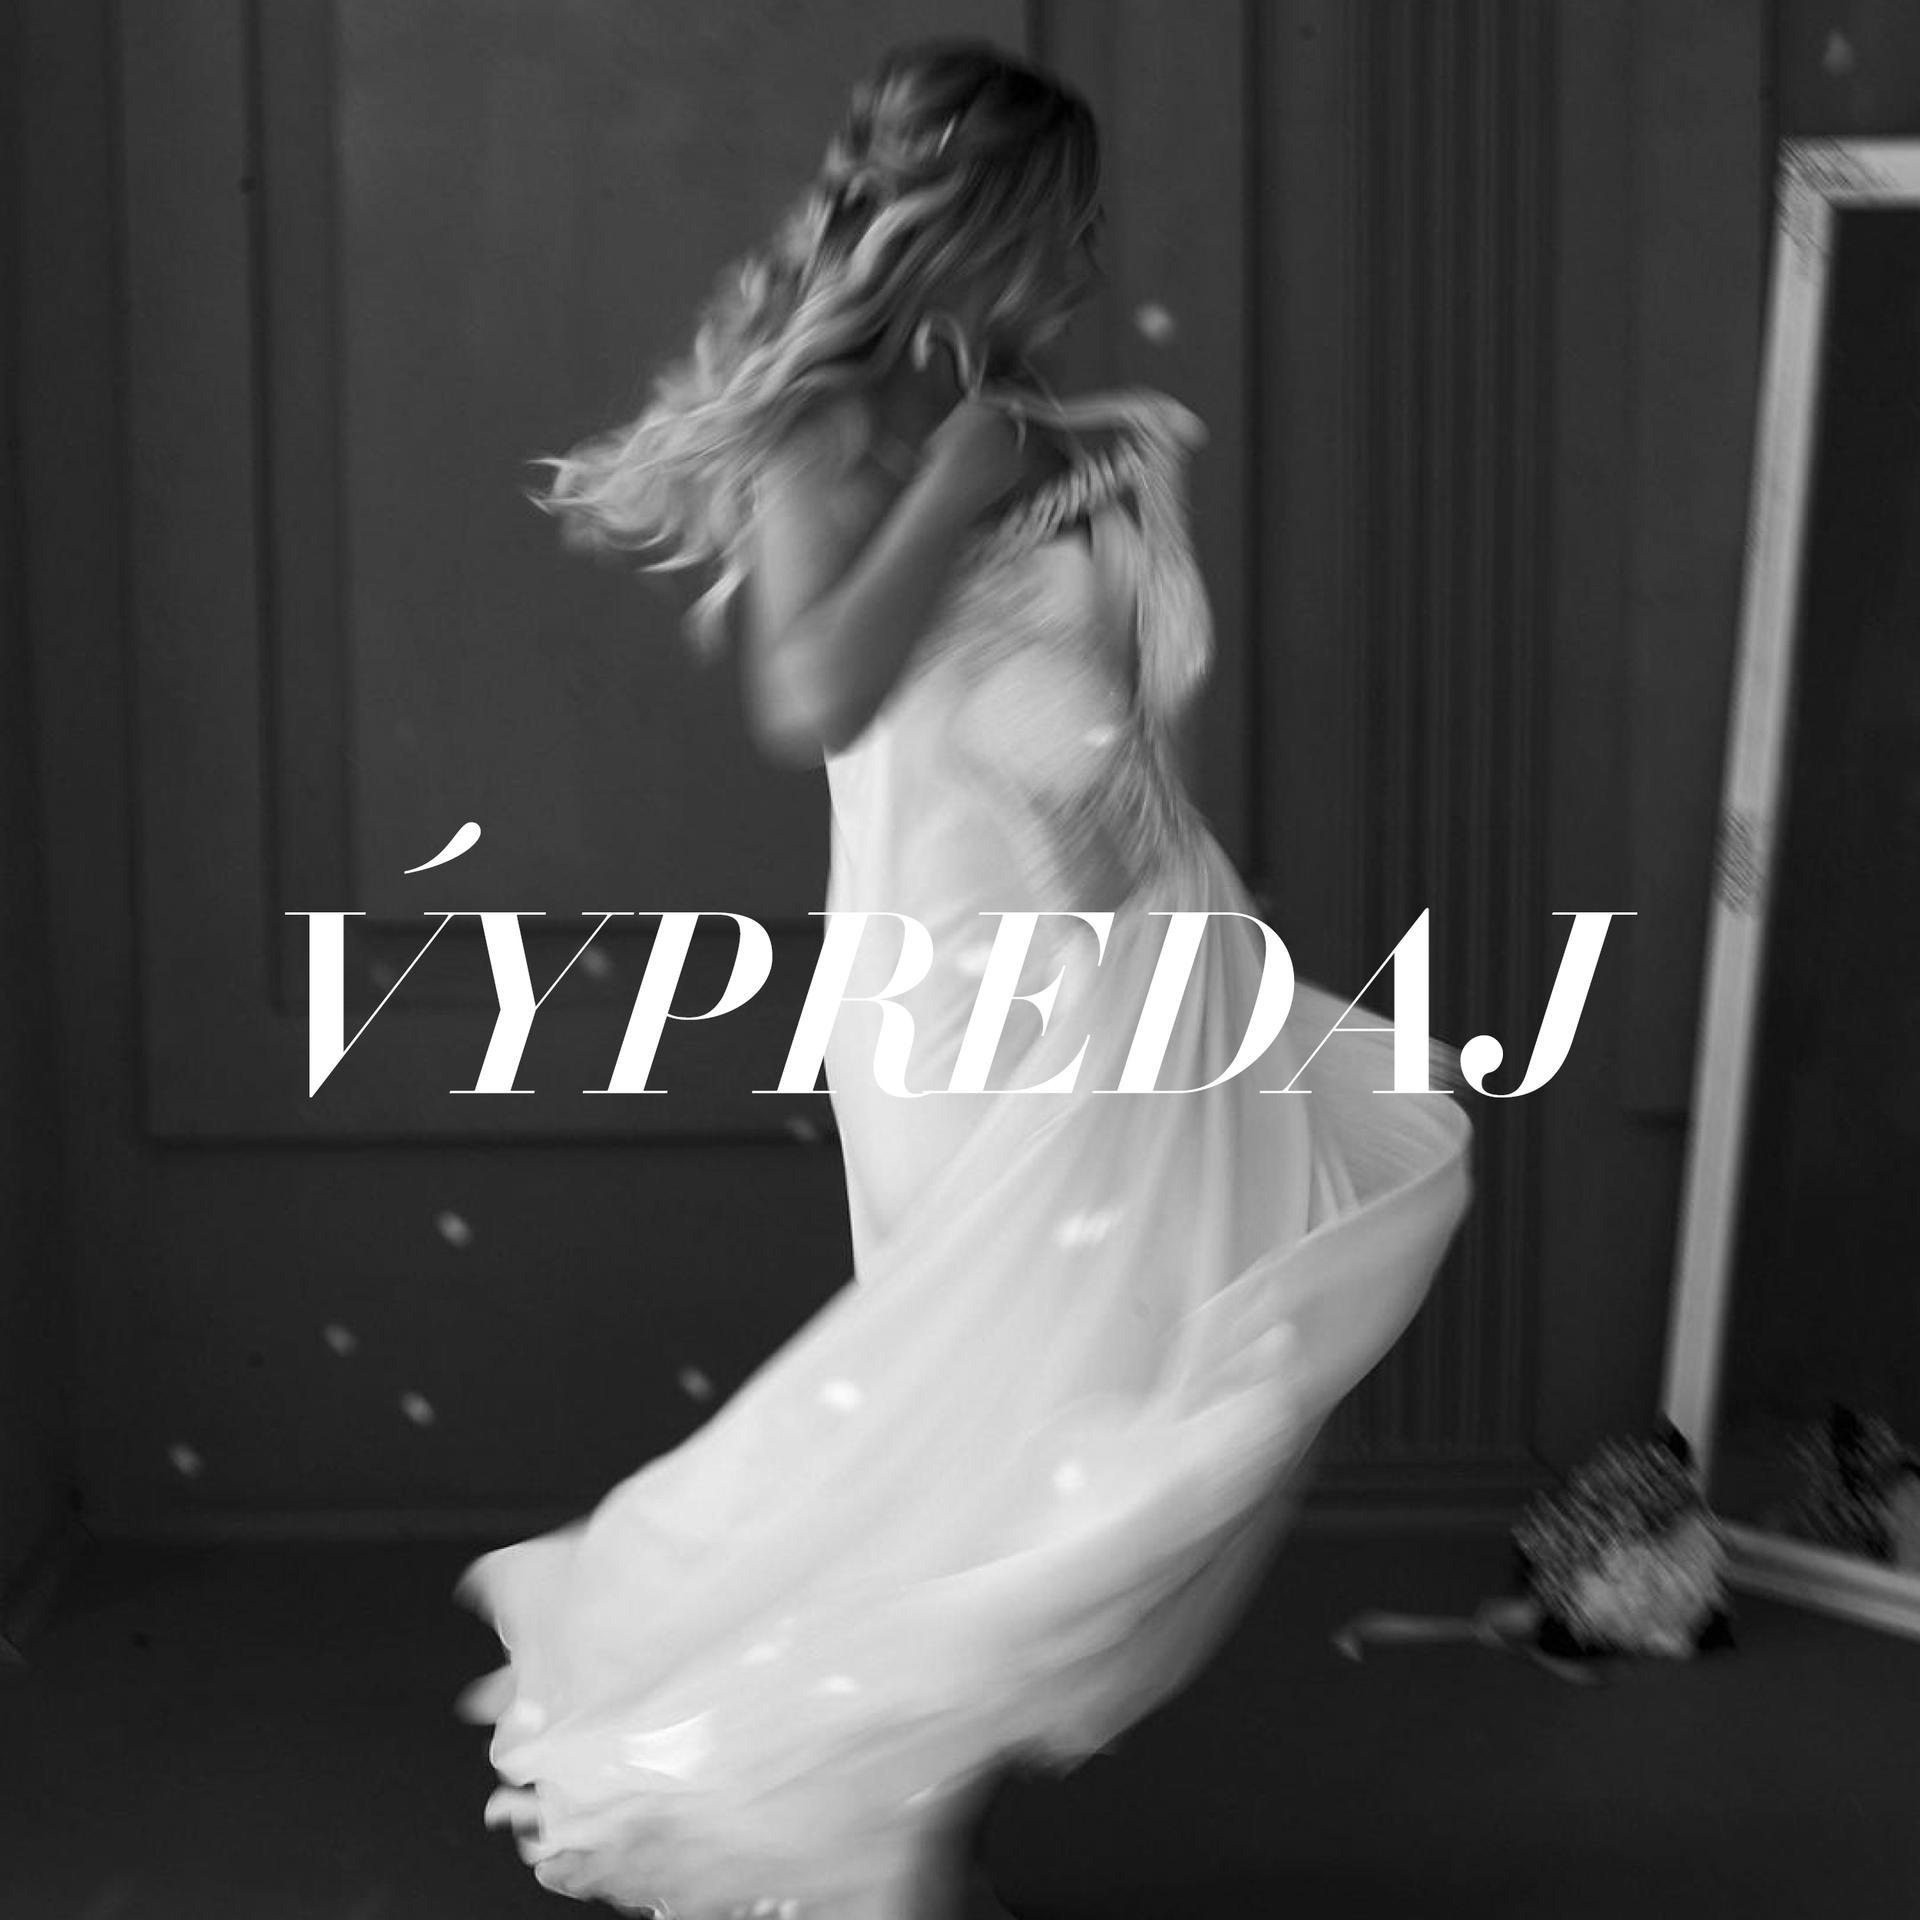 VÝPREDAJ SVADOBNÝCH ŠIAT🤍  Výpredaj v našom salóne sa začína 08.10.2021 a je určený pre nevestičky, ktoré vedia čo chcú. 🥰  Na predaj budú šaty značky Hadassa, Annette Moretti, Maria Melnik a Jasmine bridal z kolekcií 2019, 2020, 2021. Zoznam šiat nájdete na www.brigitboutique.sk.  Objednať sa môžete na tel. čísle 0950 246 121 alebo na brigitboutiqueba@gmail.com.   Tešíme sa na vás ❤ - Obrázok č. 2